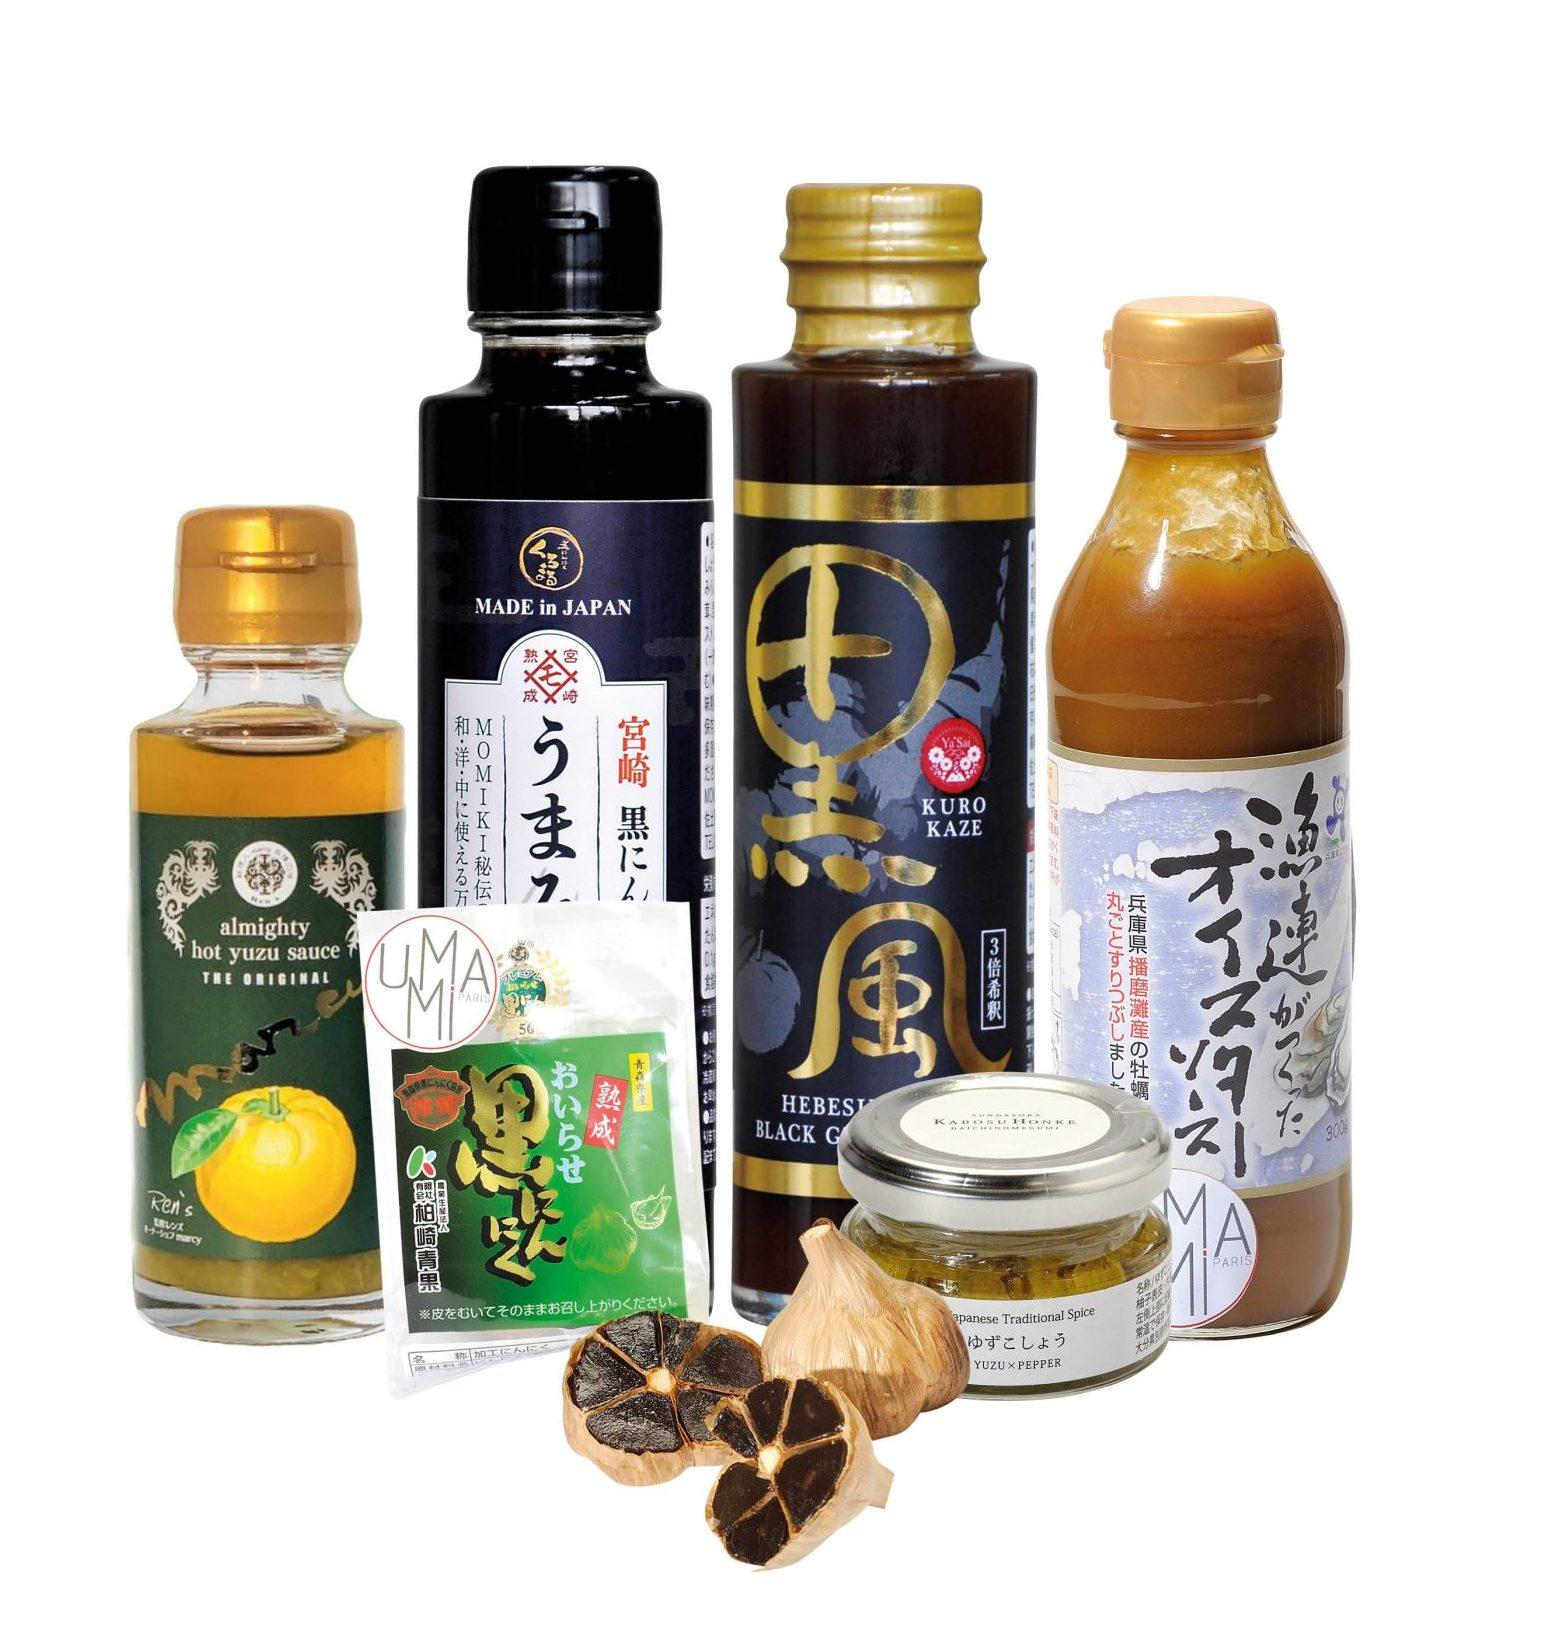 les produits aphrodisiaques chez umami : sauce à l'huitre, ail noir, yuzu kosho et sirop de gingembre maturé